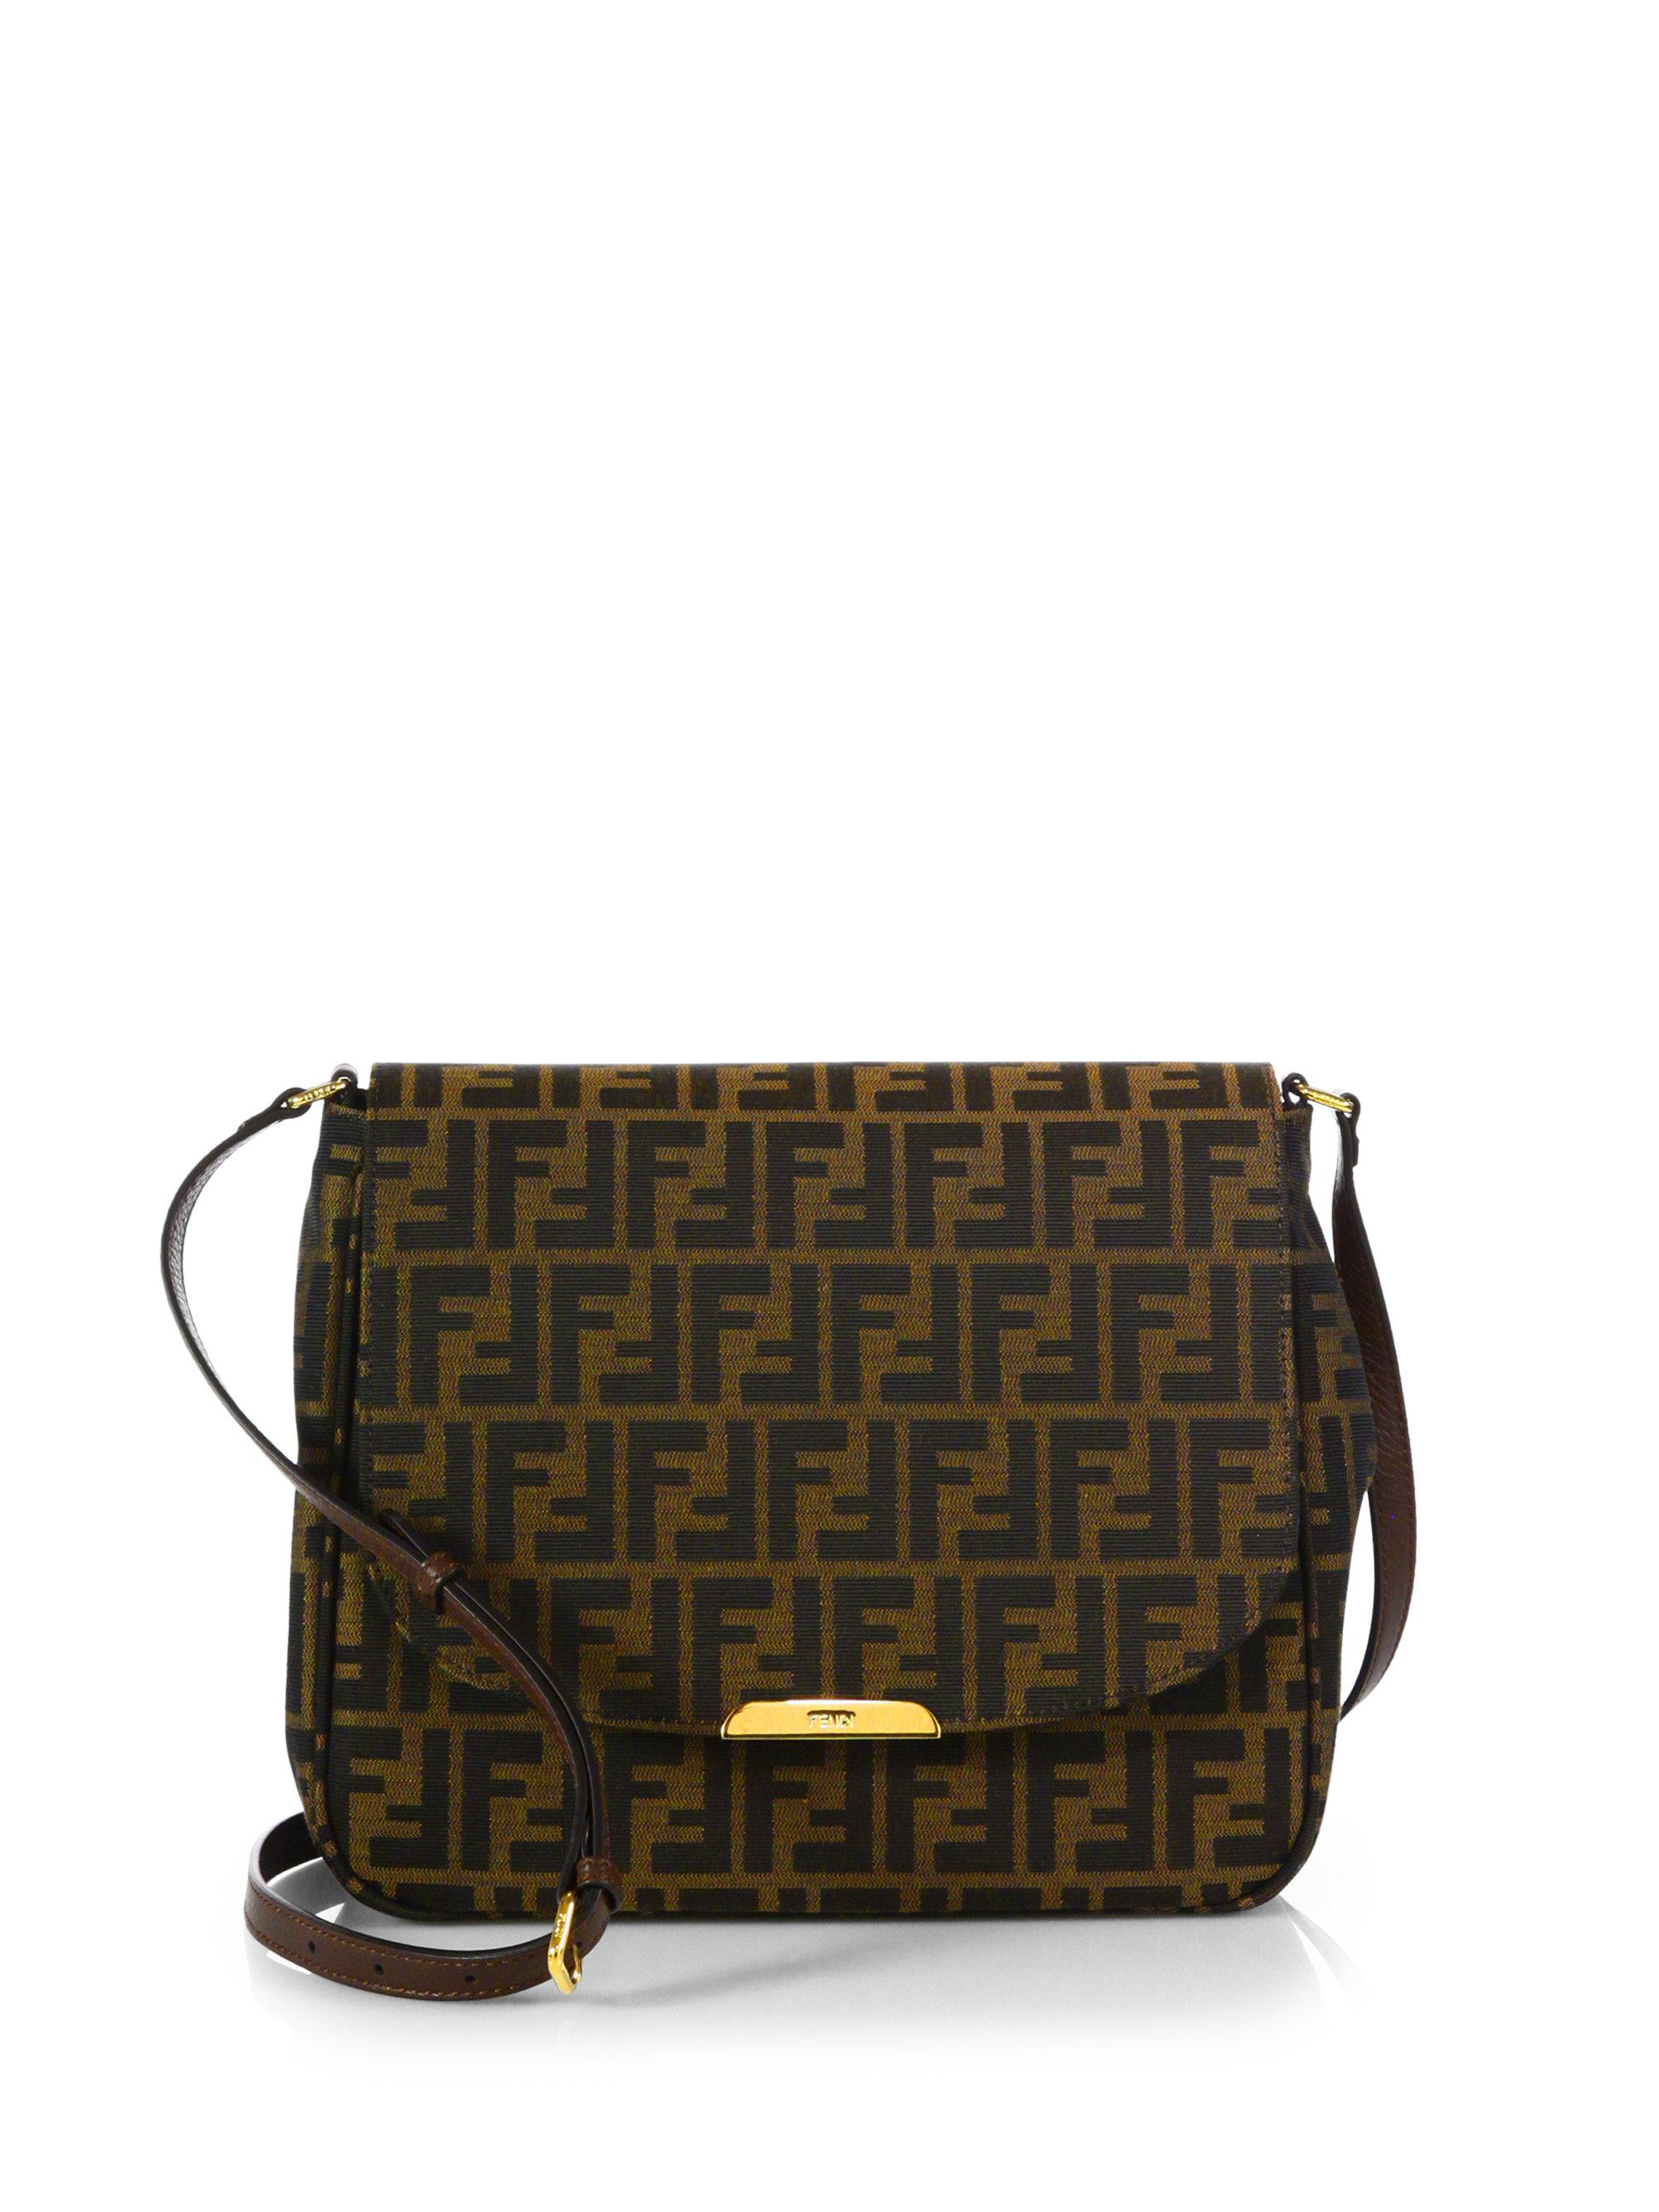 47e6b2a1fdd7 ... authentic authentic fendi zucca bag lyst fendi zucca canvas shoulder bag  in brown 6b7df 7b56b ...